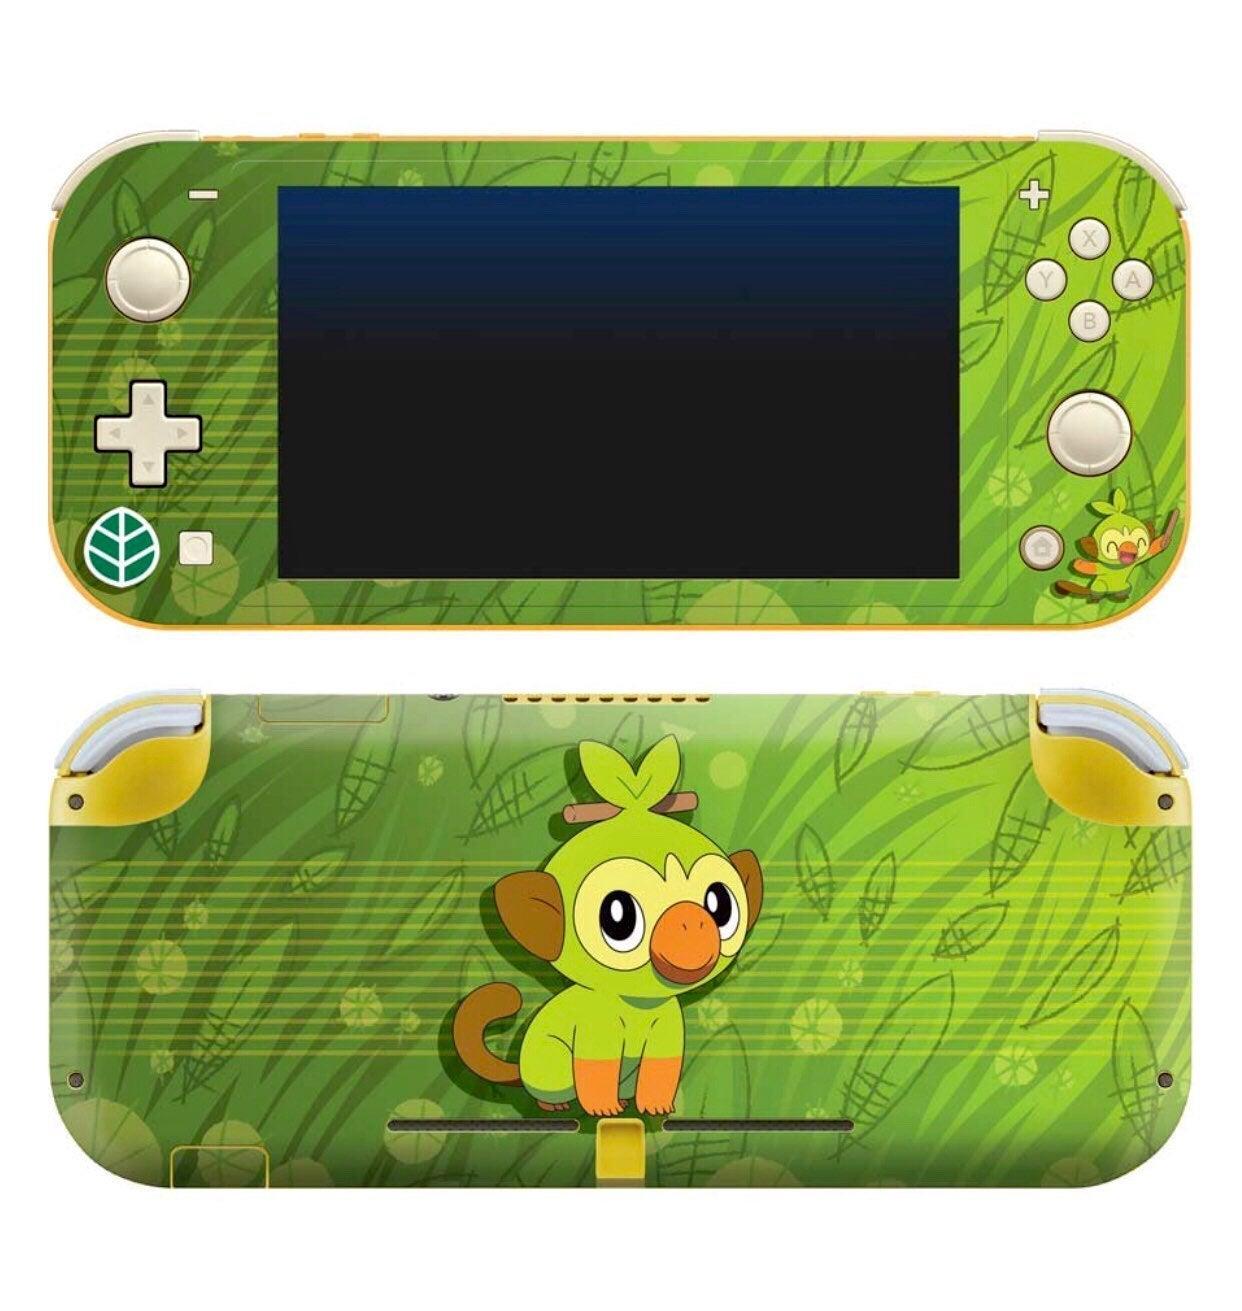 Controller Gear Nsw Skin Pokemon Grookey